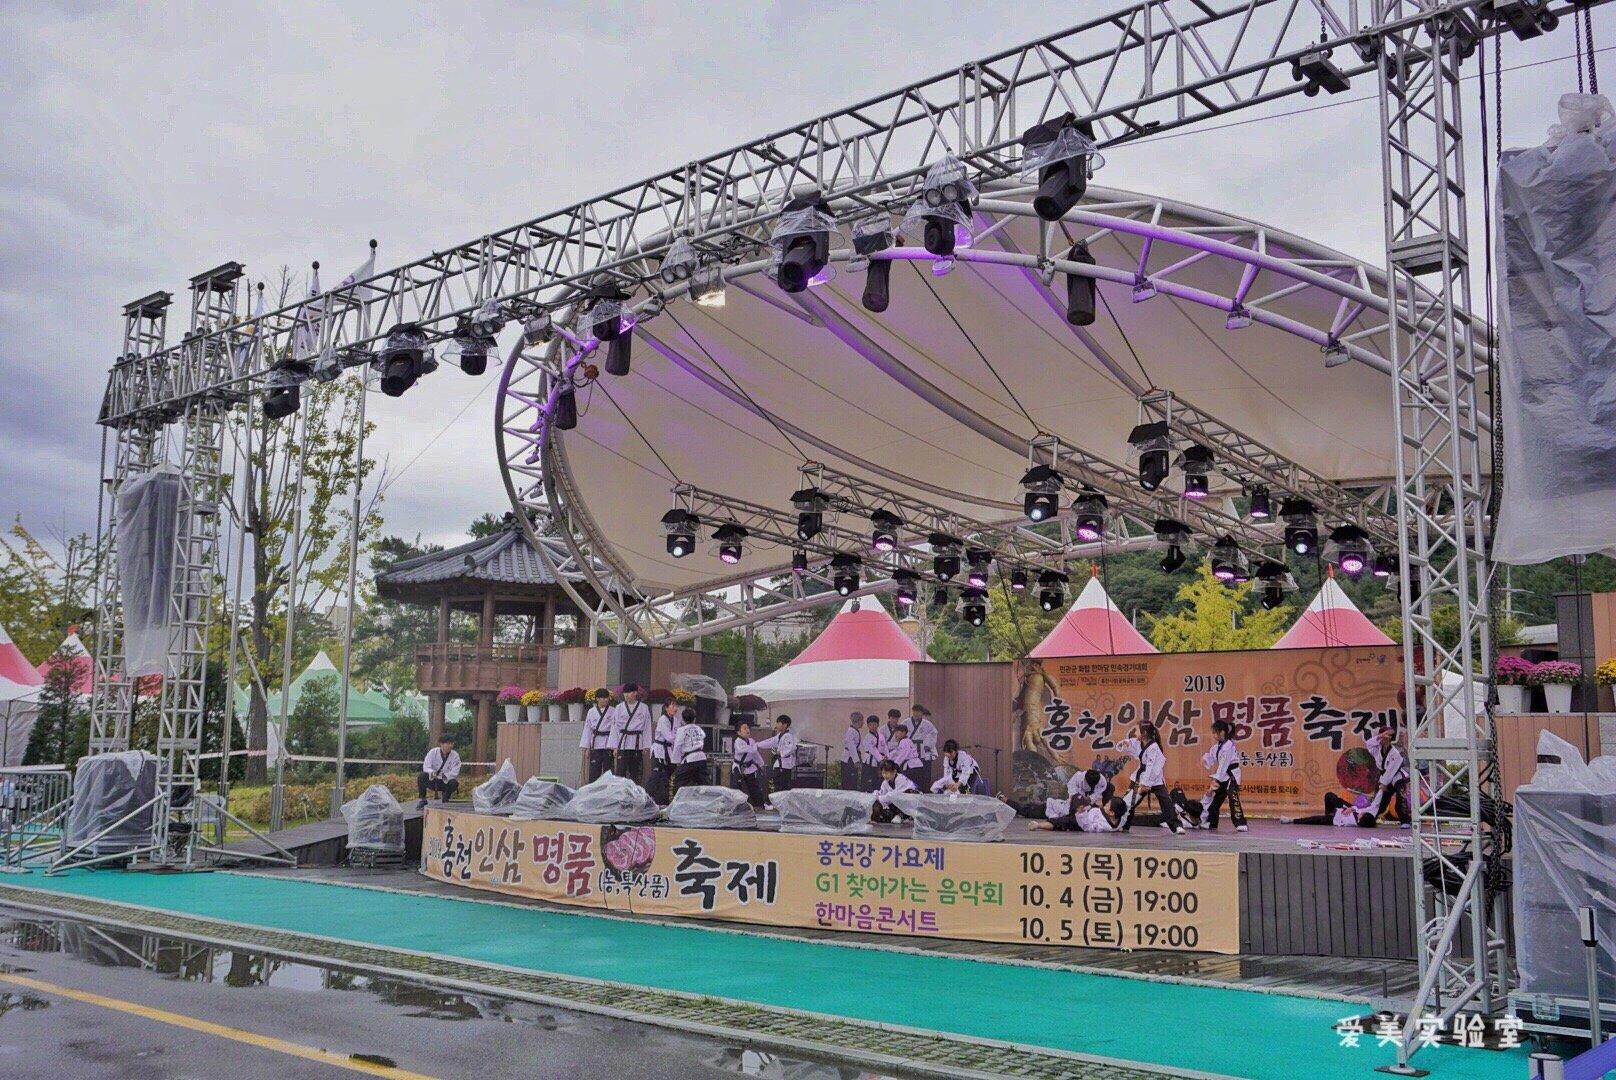 韩国江原道旅行Day4赶上韩国 洪川人参韩牛节第一次吃到裹上面粉油